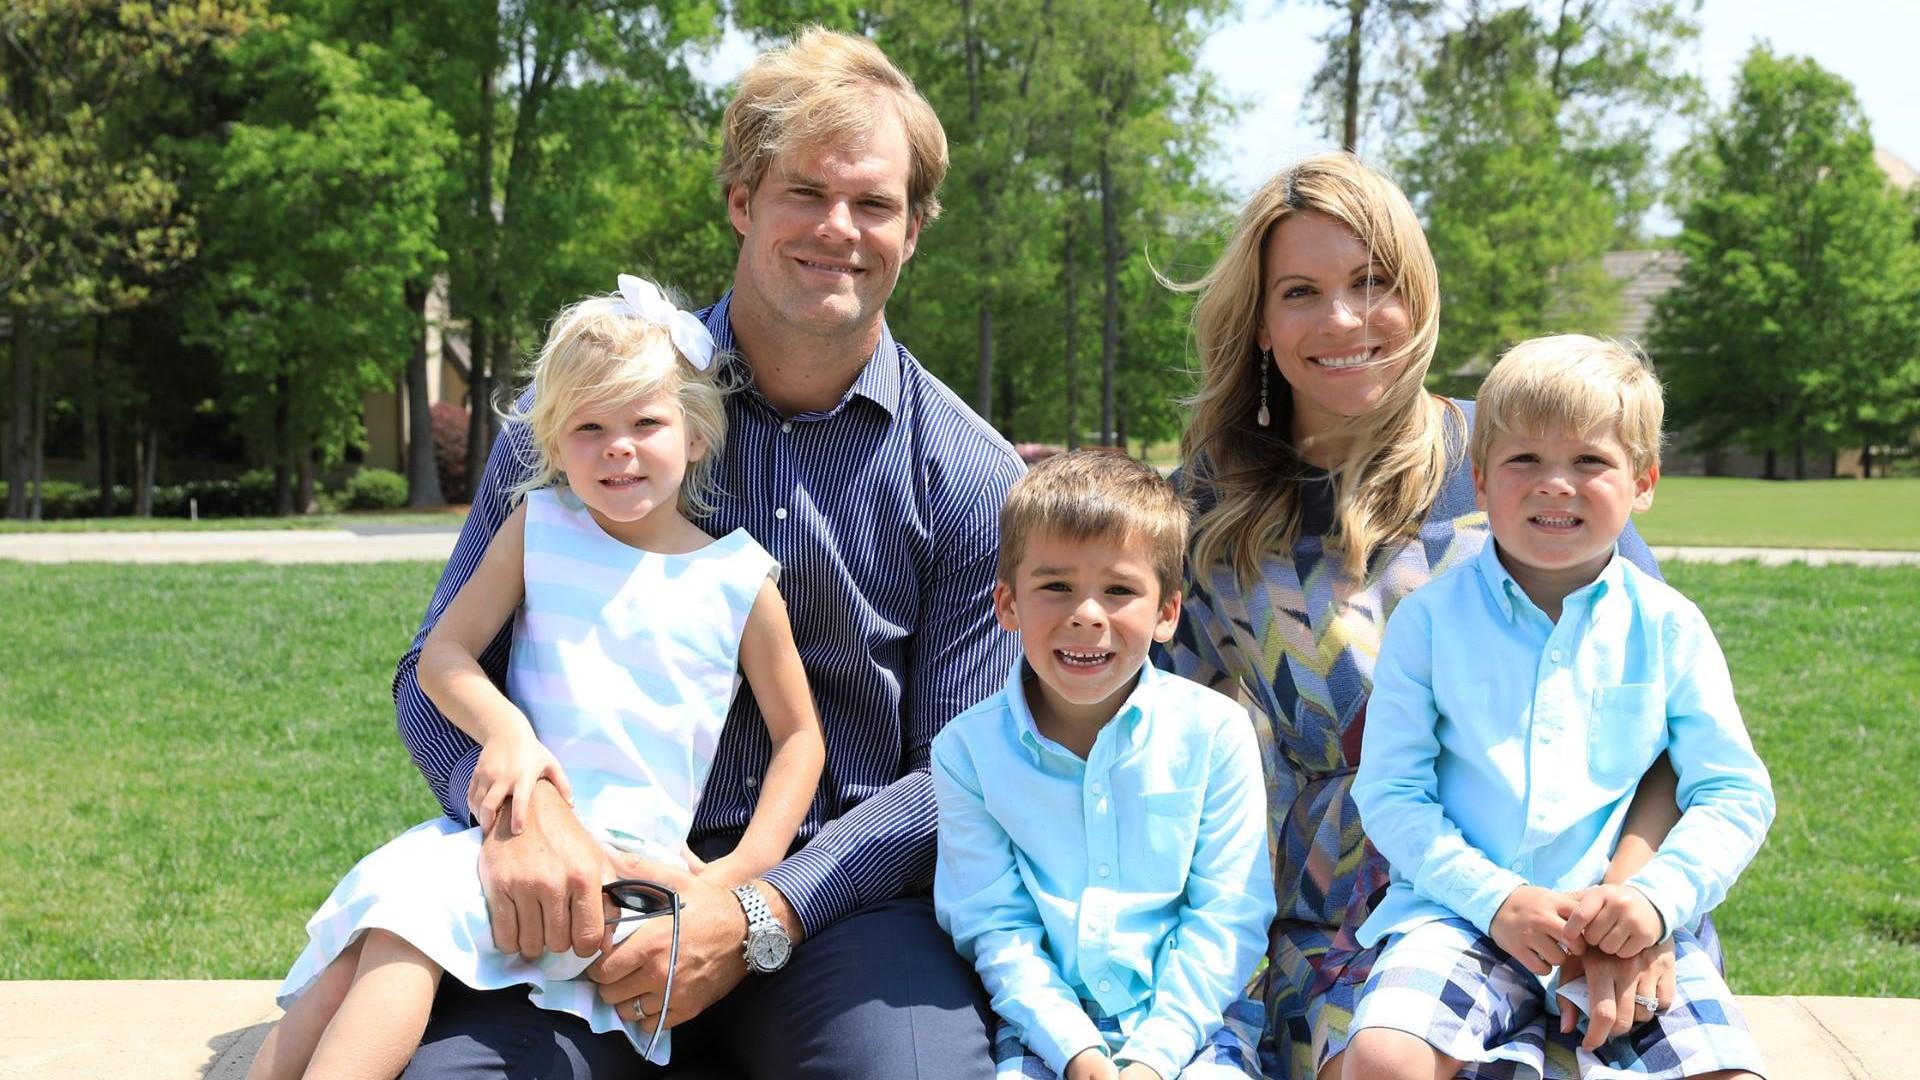 Kara and Greg Olsen with their three children.